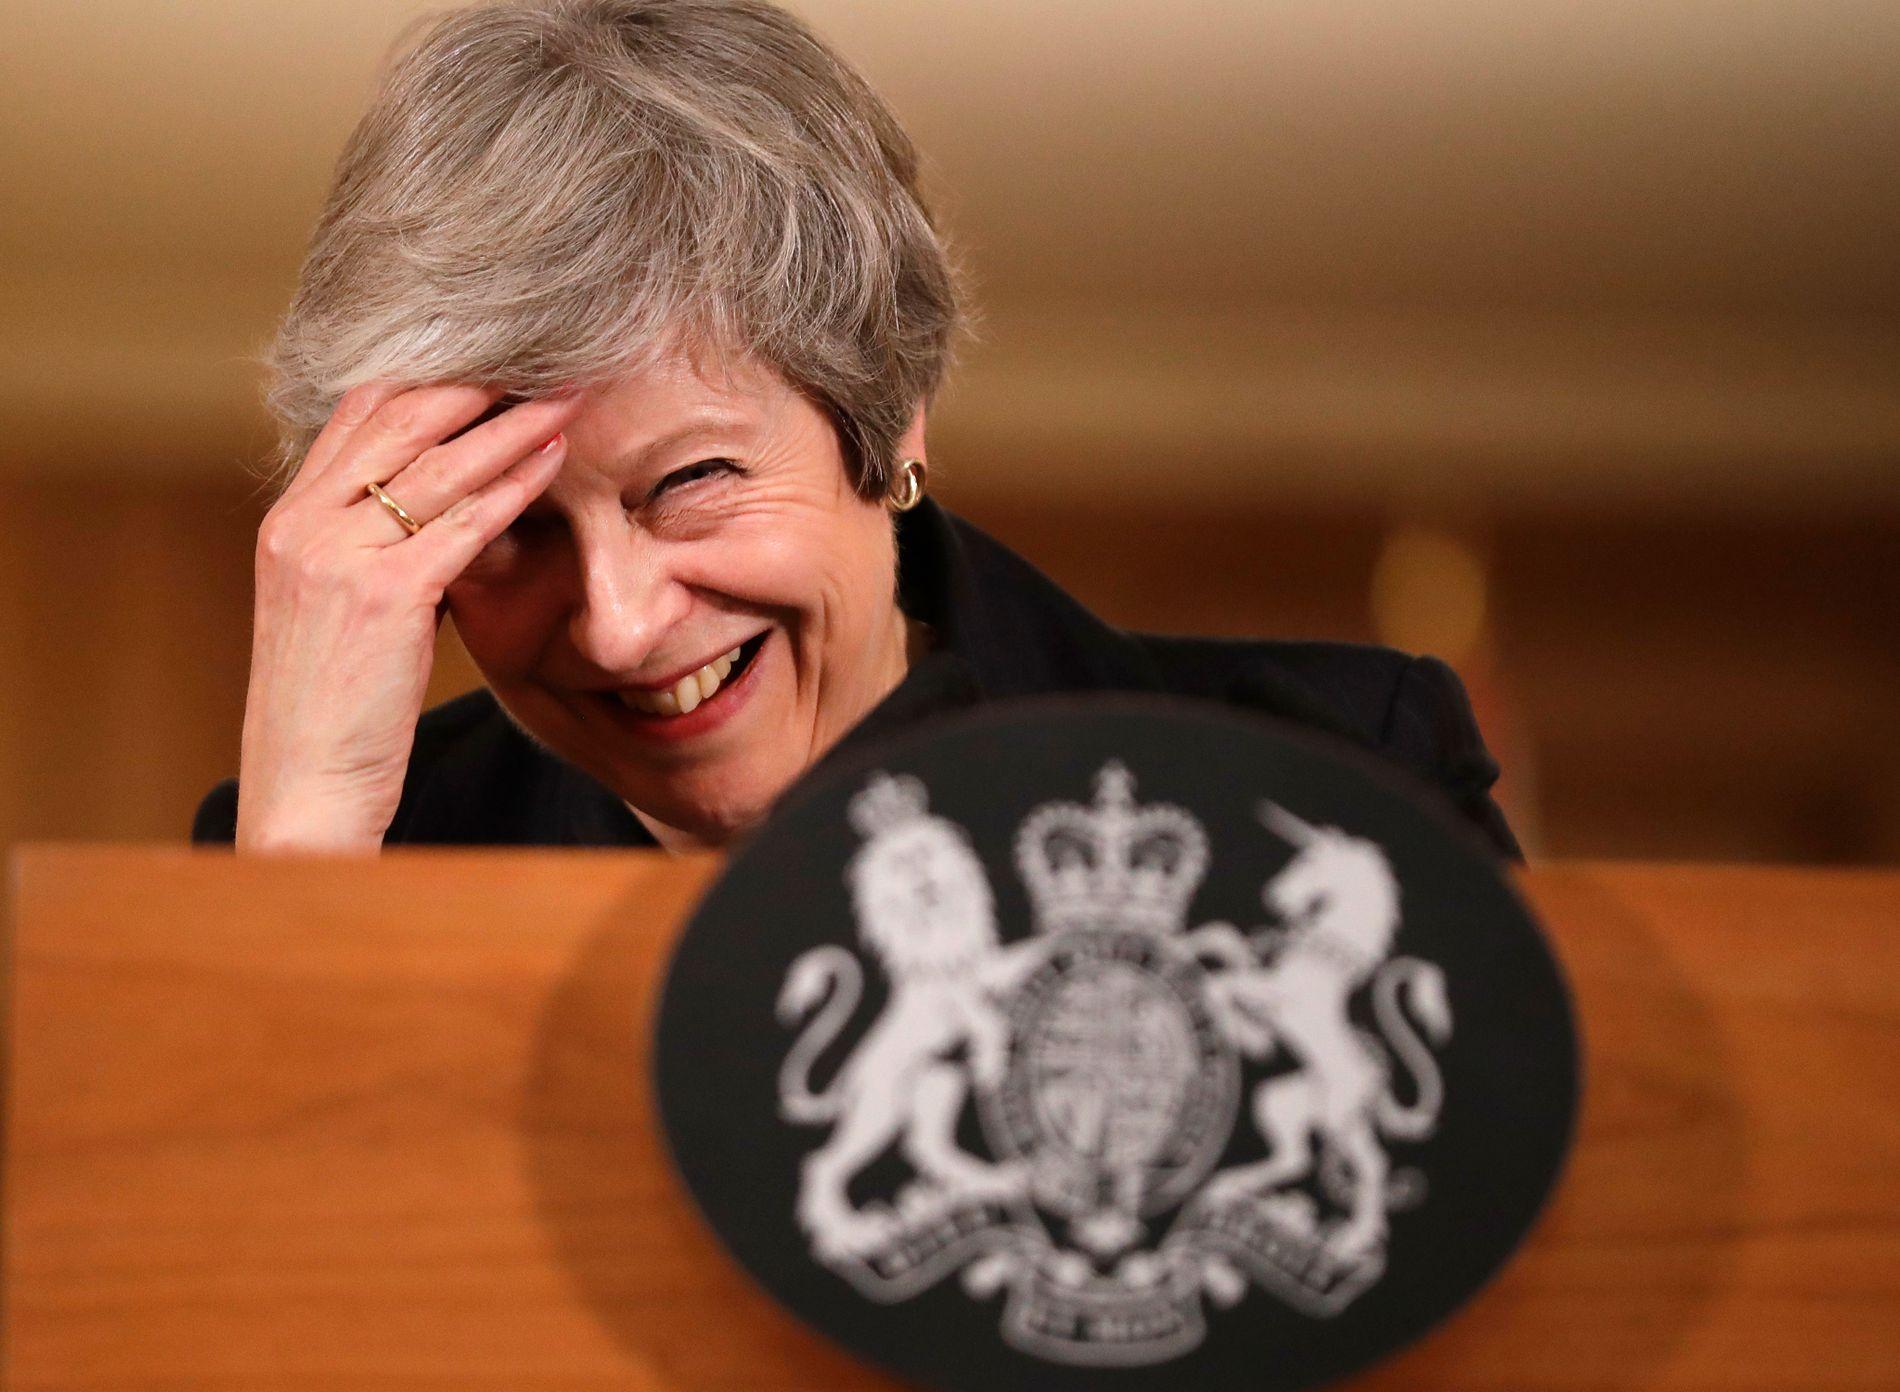 OPPRØR: Theresa May vert truga med mistillit frå sine eigne partimedlemmer. Ho har hatt eit umogeleg utgangspunkt, for lovnadane som vart gitt til veljarane i 2016 hadde ikkje rot i røynda, meiner Bergens Tidende.